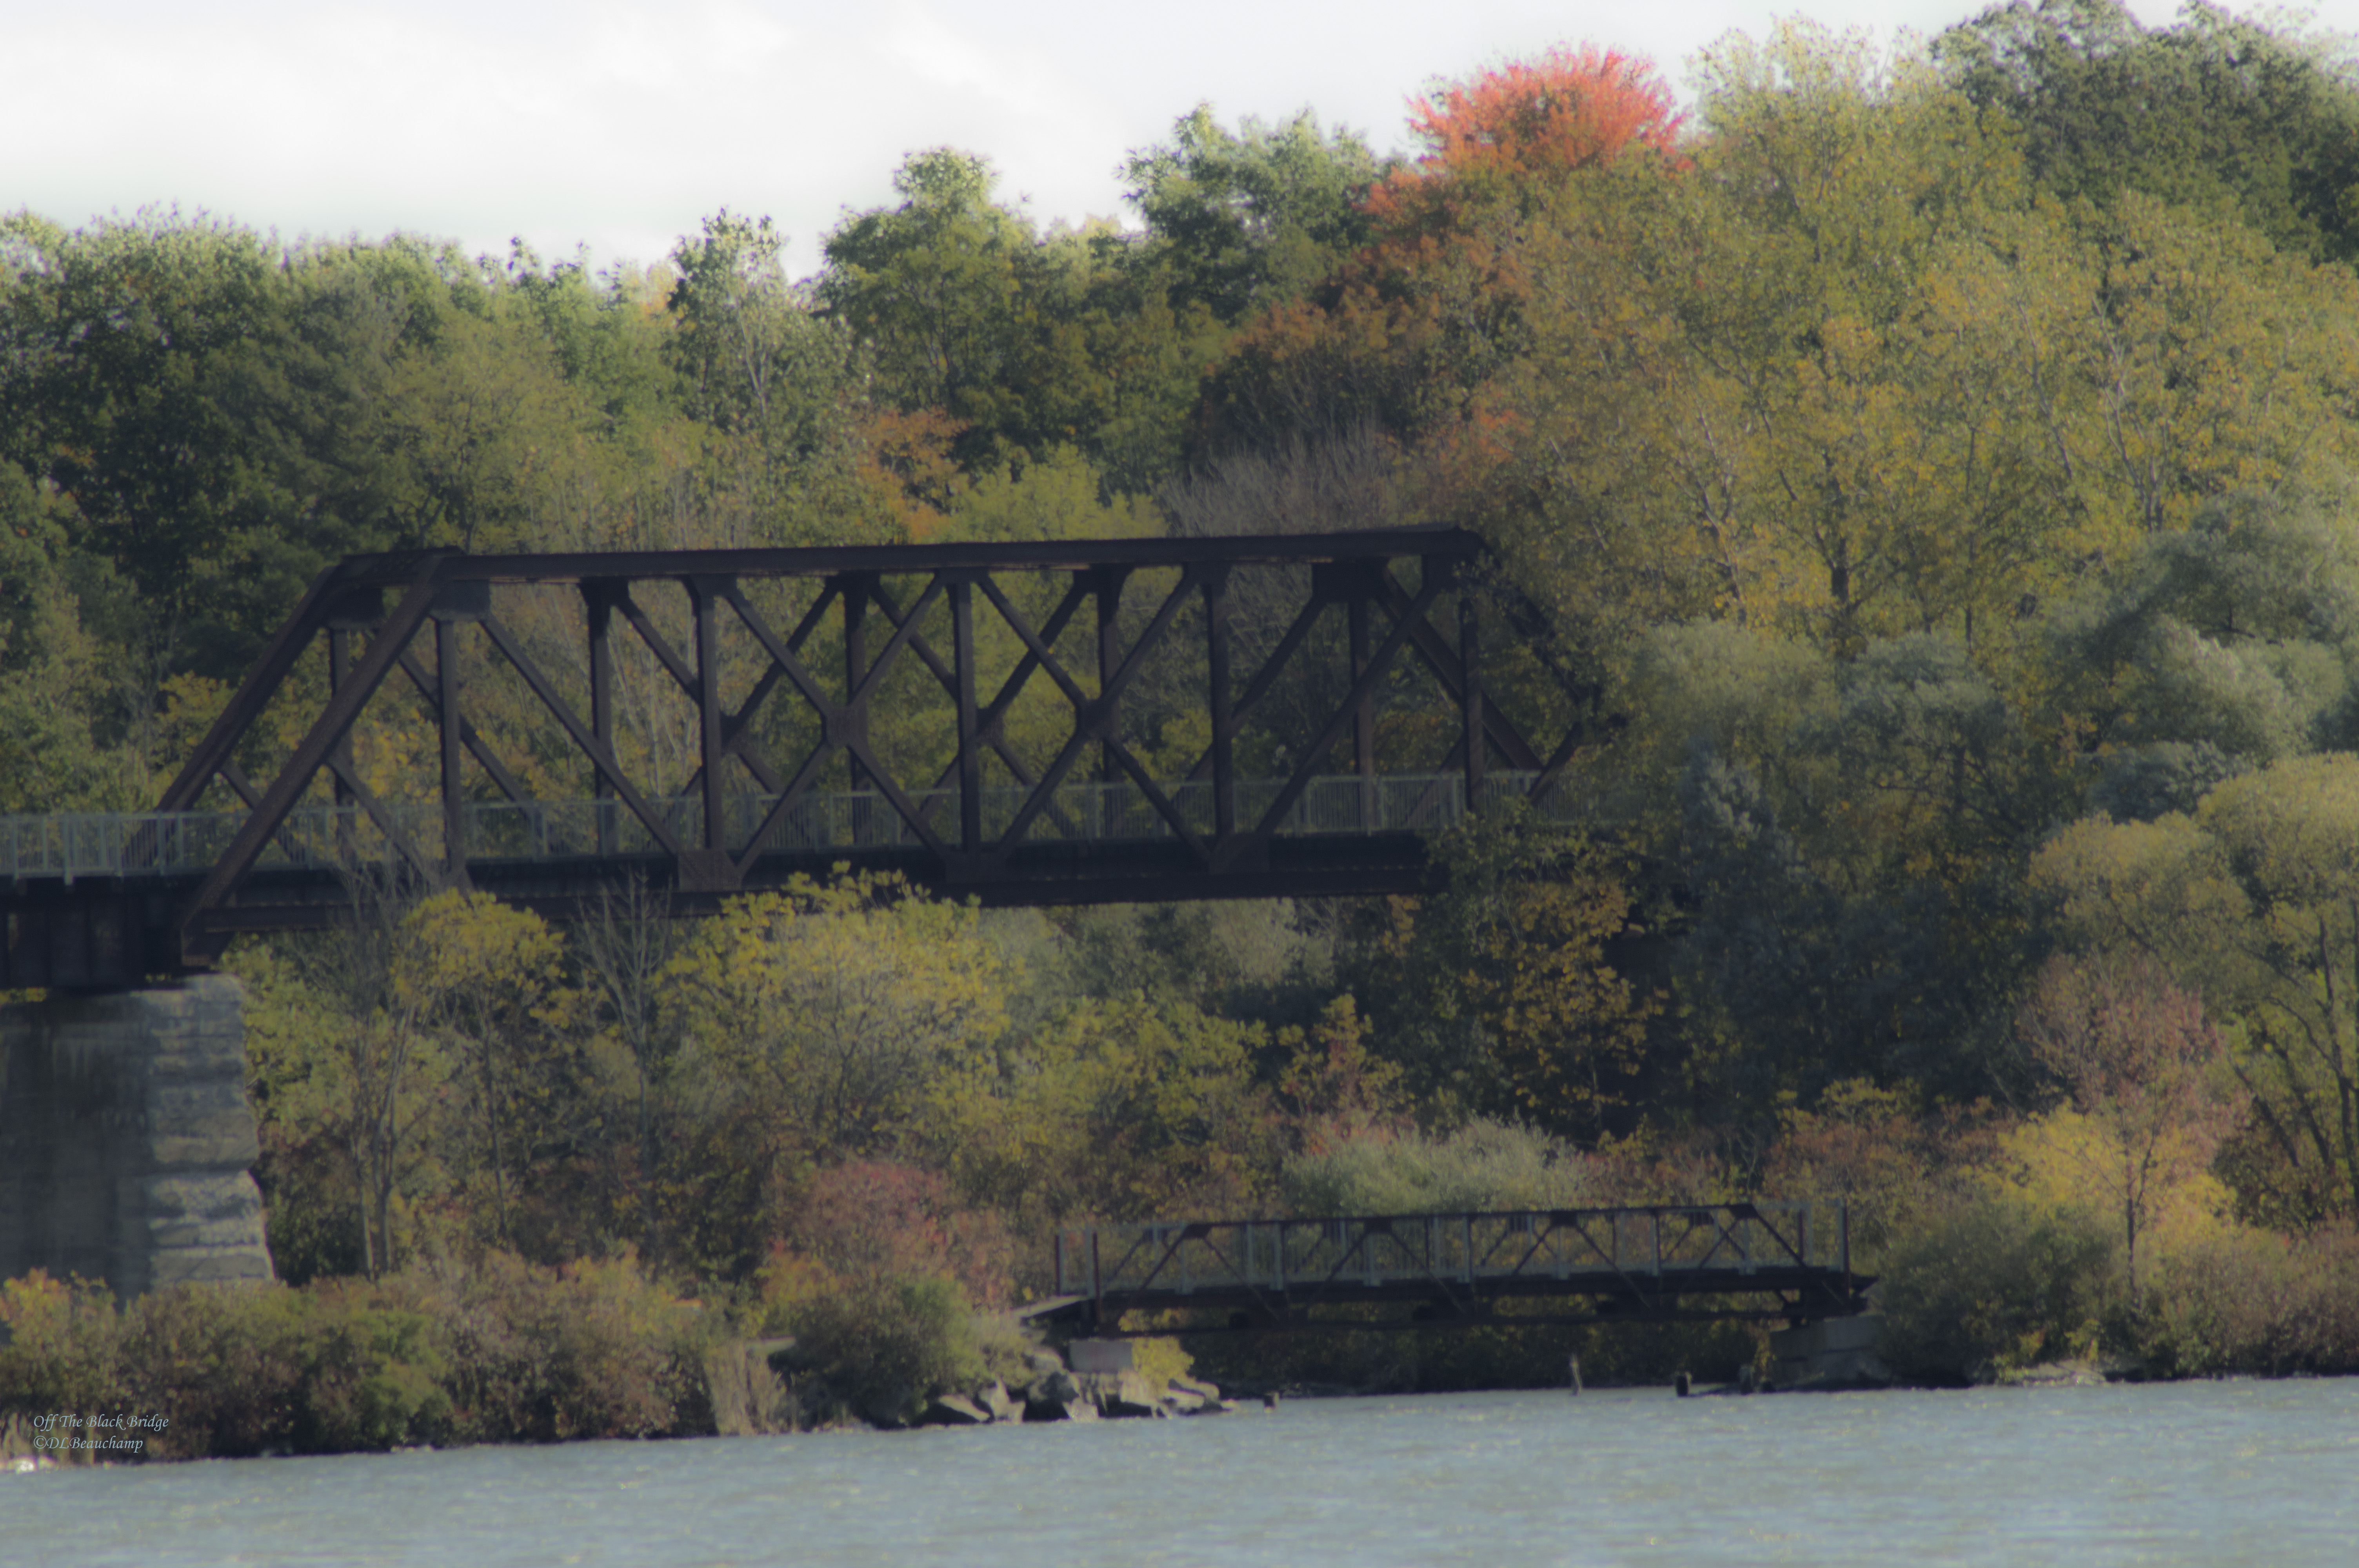 Off_the_black_bridge